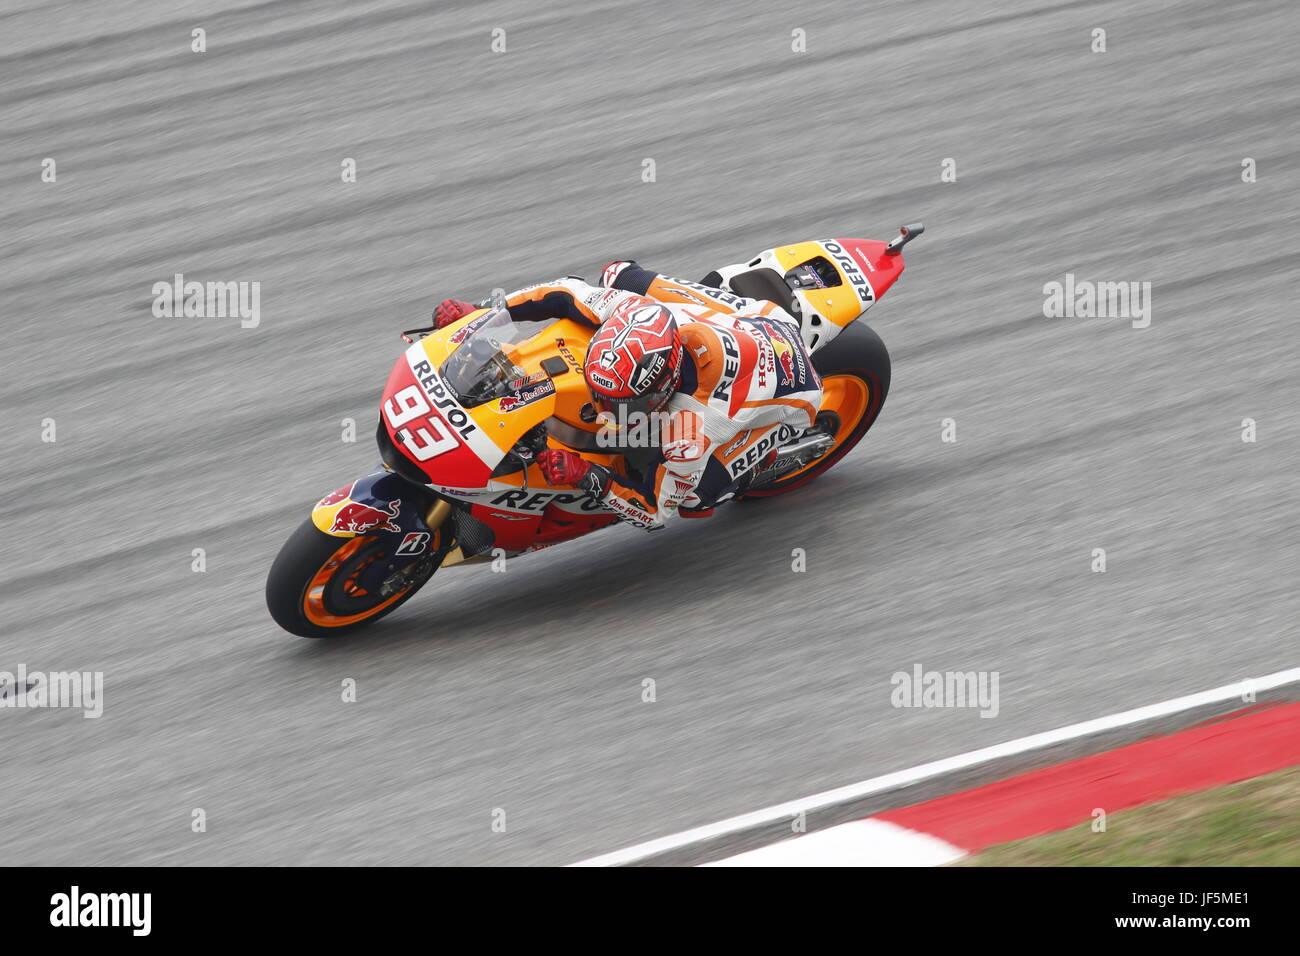 MotoGP-2015 Motorsport Motorrad-Rennfahrer Marc Marquez Stockbild